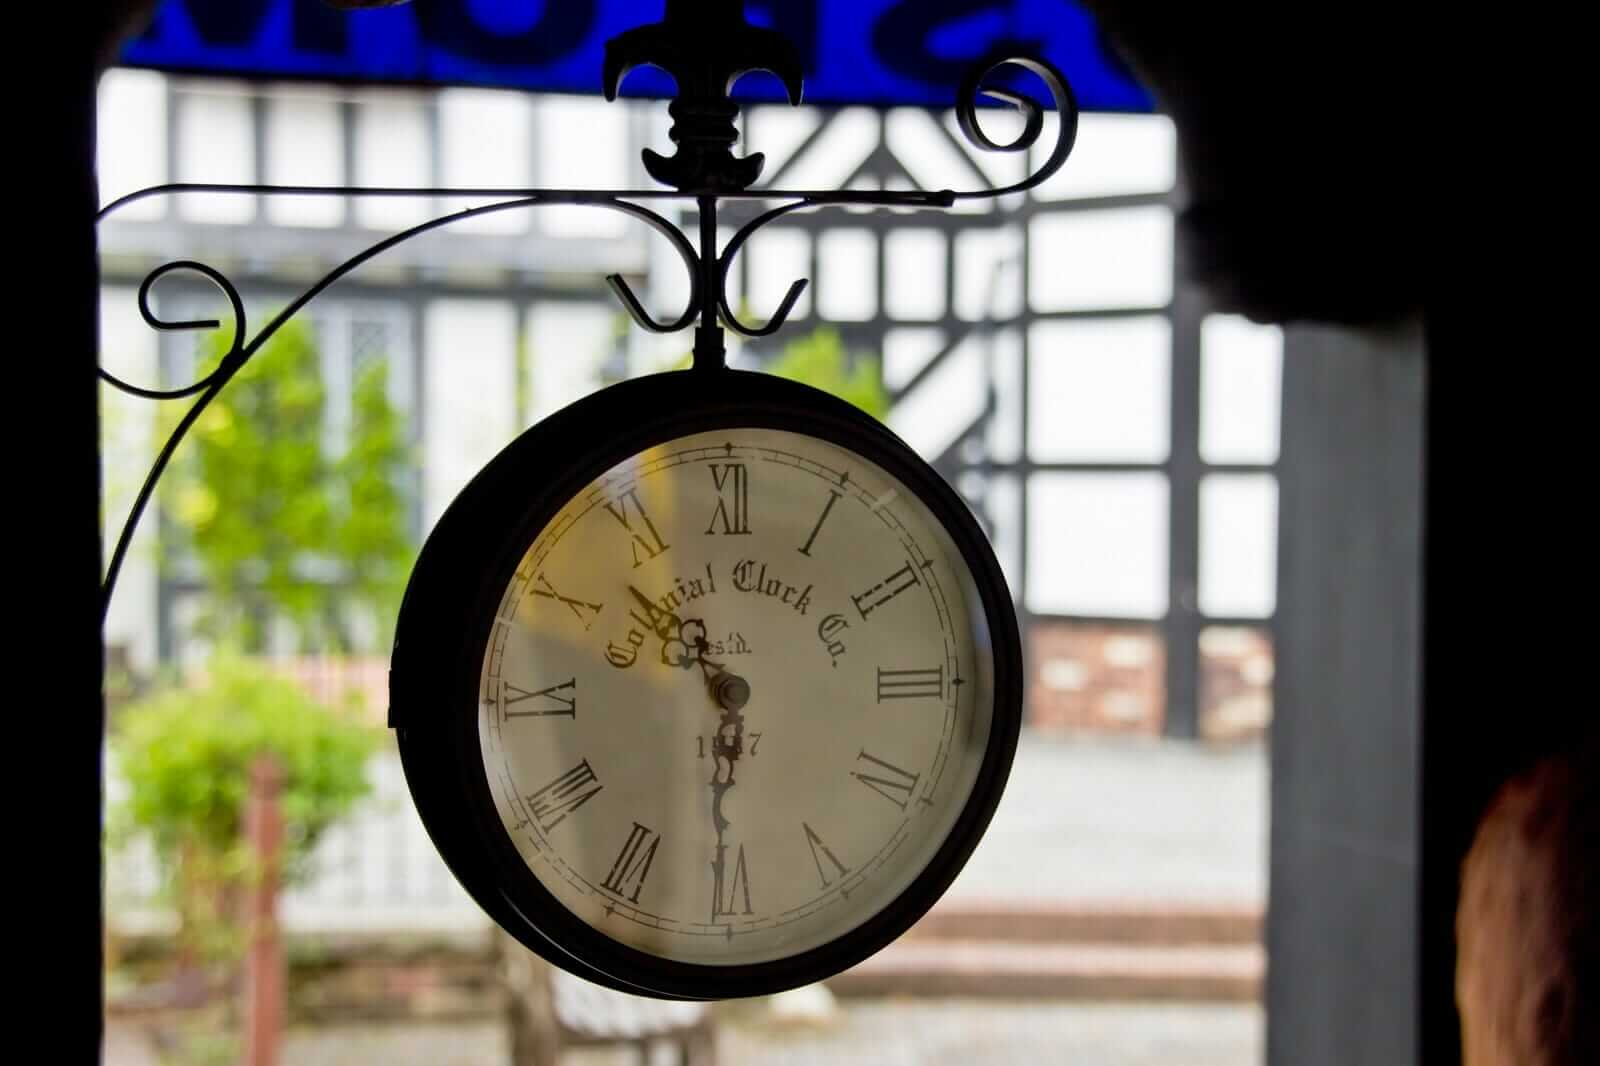 潜在意識、阿頼耶識の時計は、願望が達成される未来の時間を記憶しています。